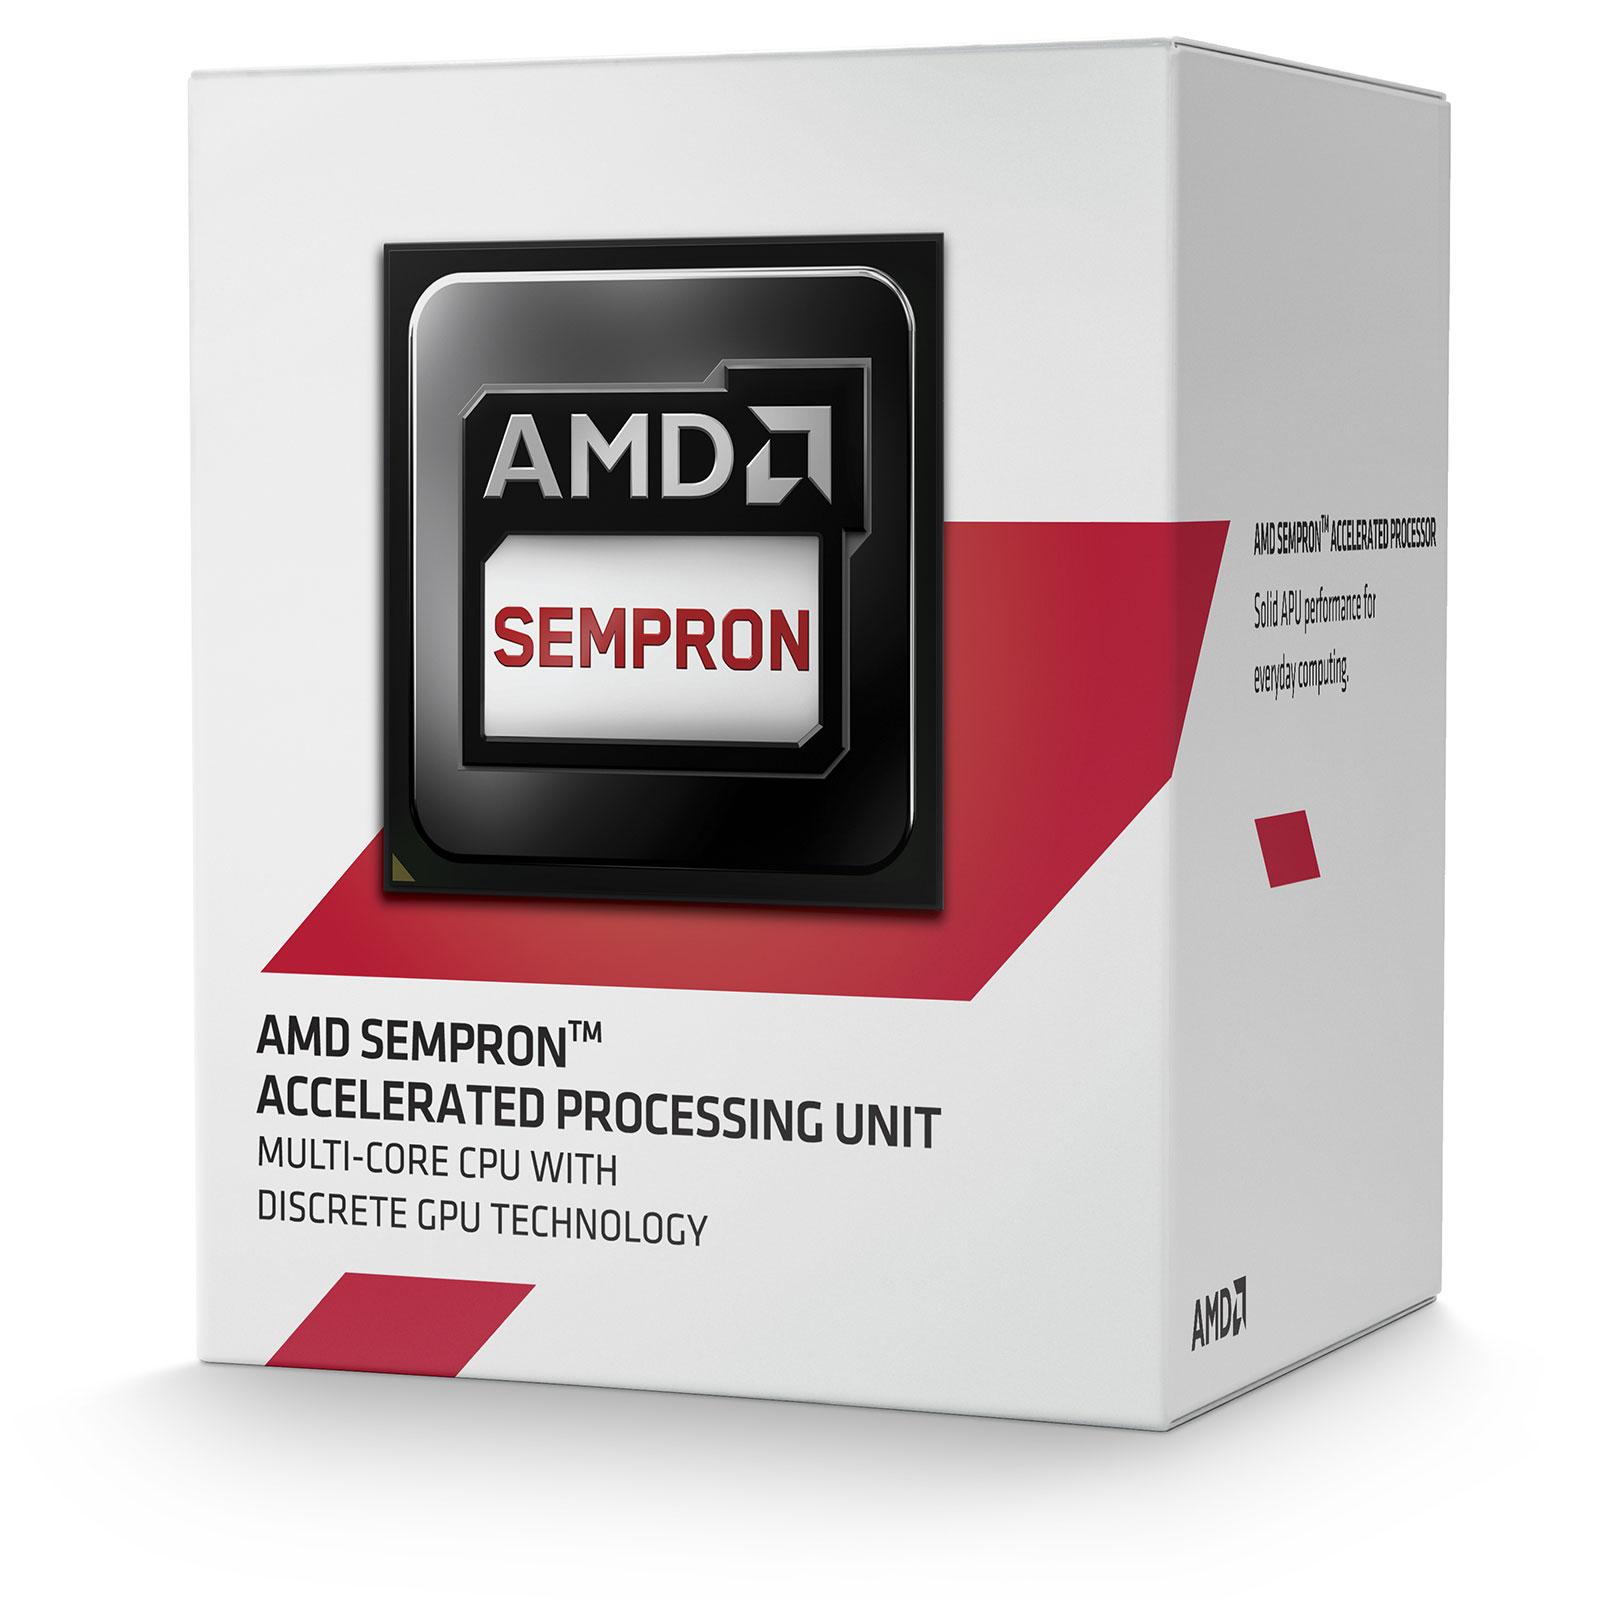 Processeur AMD Sempron 3850 (1.3 GHz) Processeur Quad Core Socket AM1 (FS1b) 0.028 micron Cache L2 2 Mo (version boîte - garantie constructeur 3 ans)